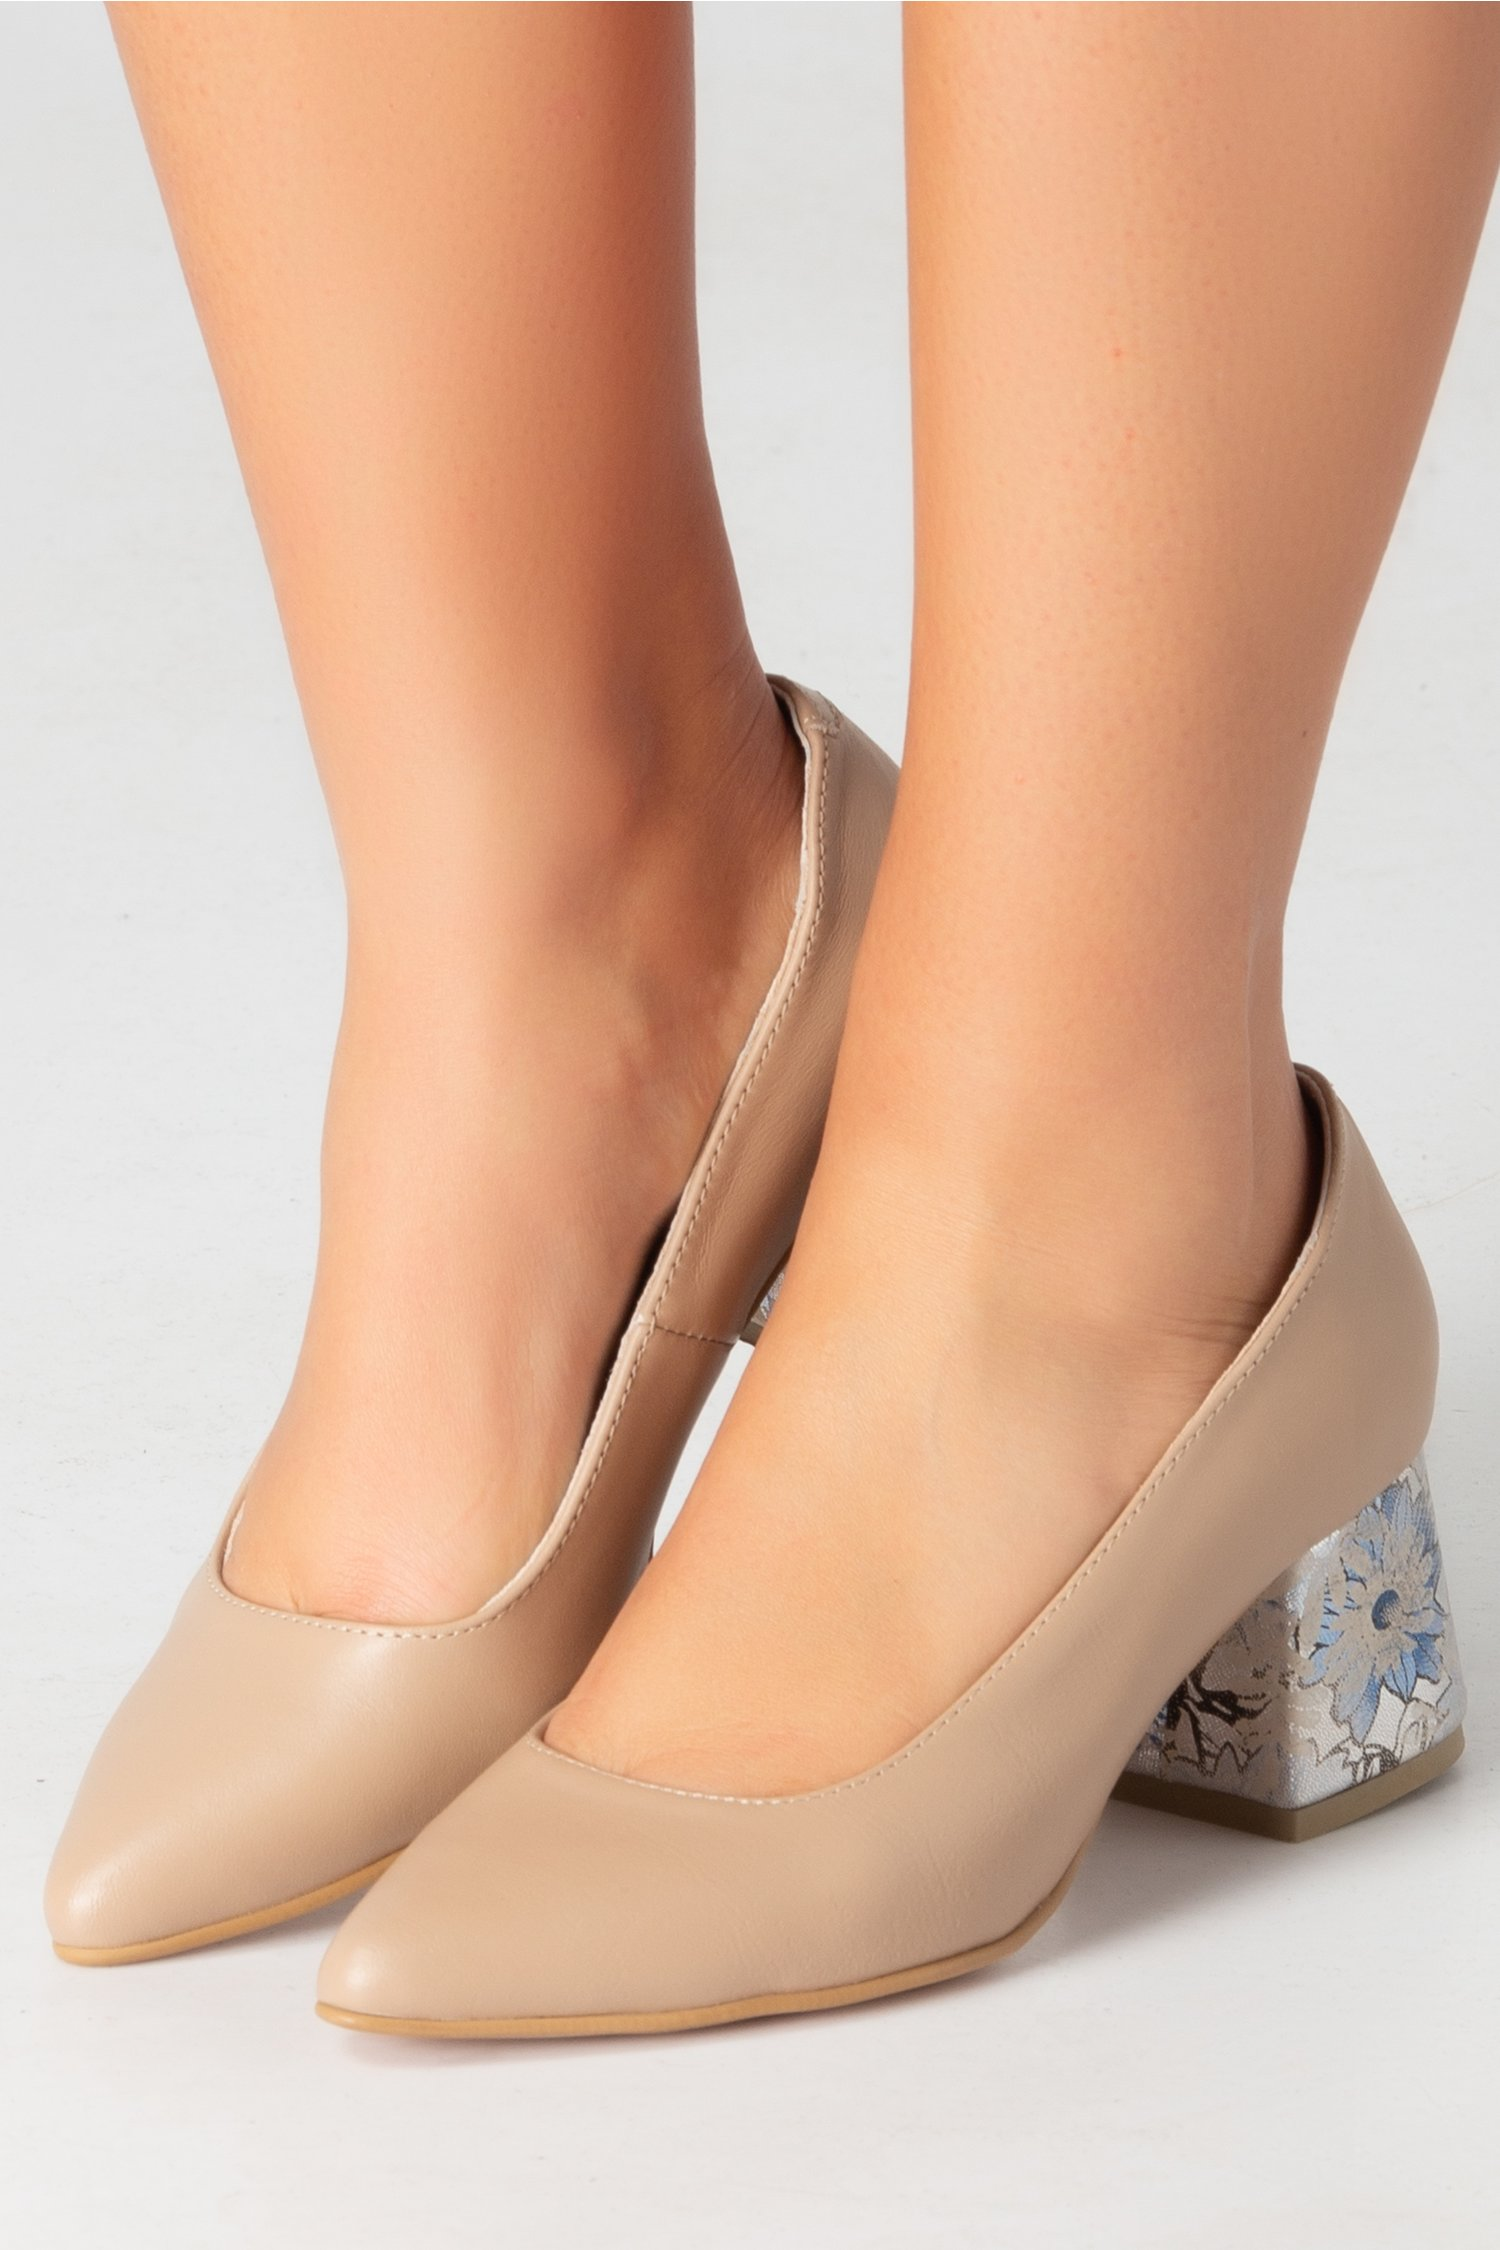 Pantofi nude cu toc jos si insertii florale